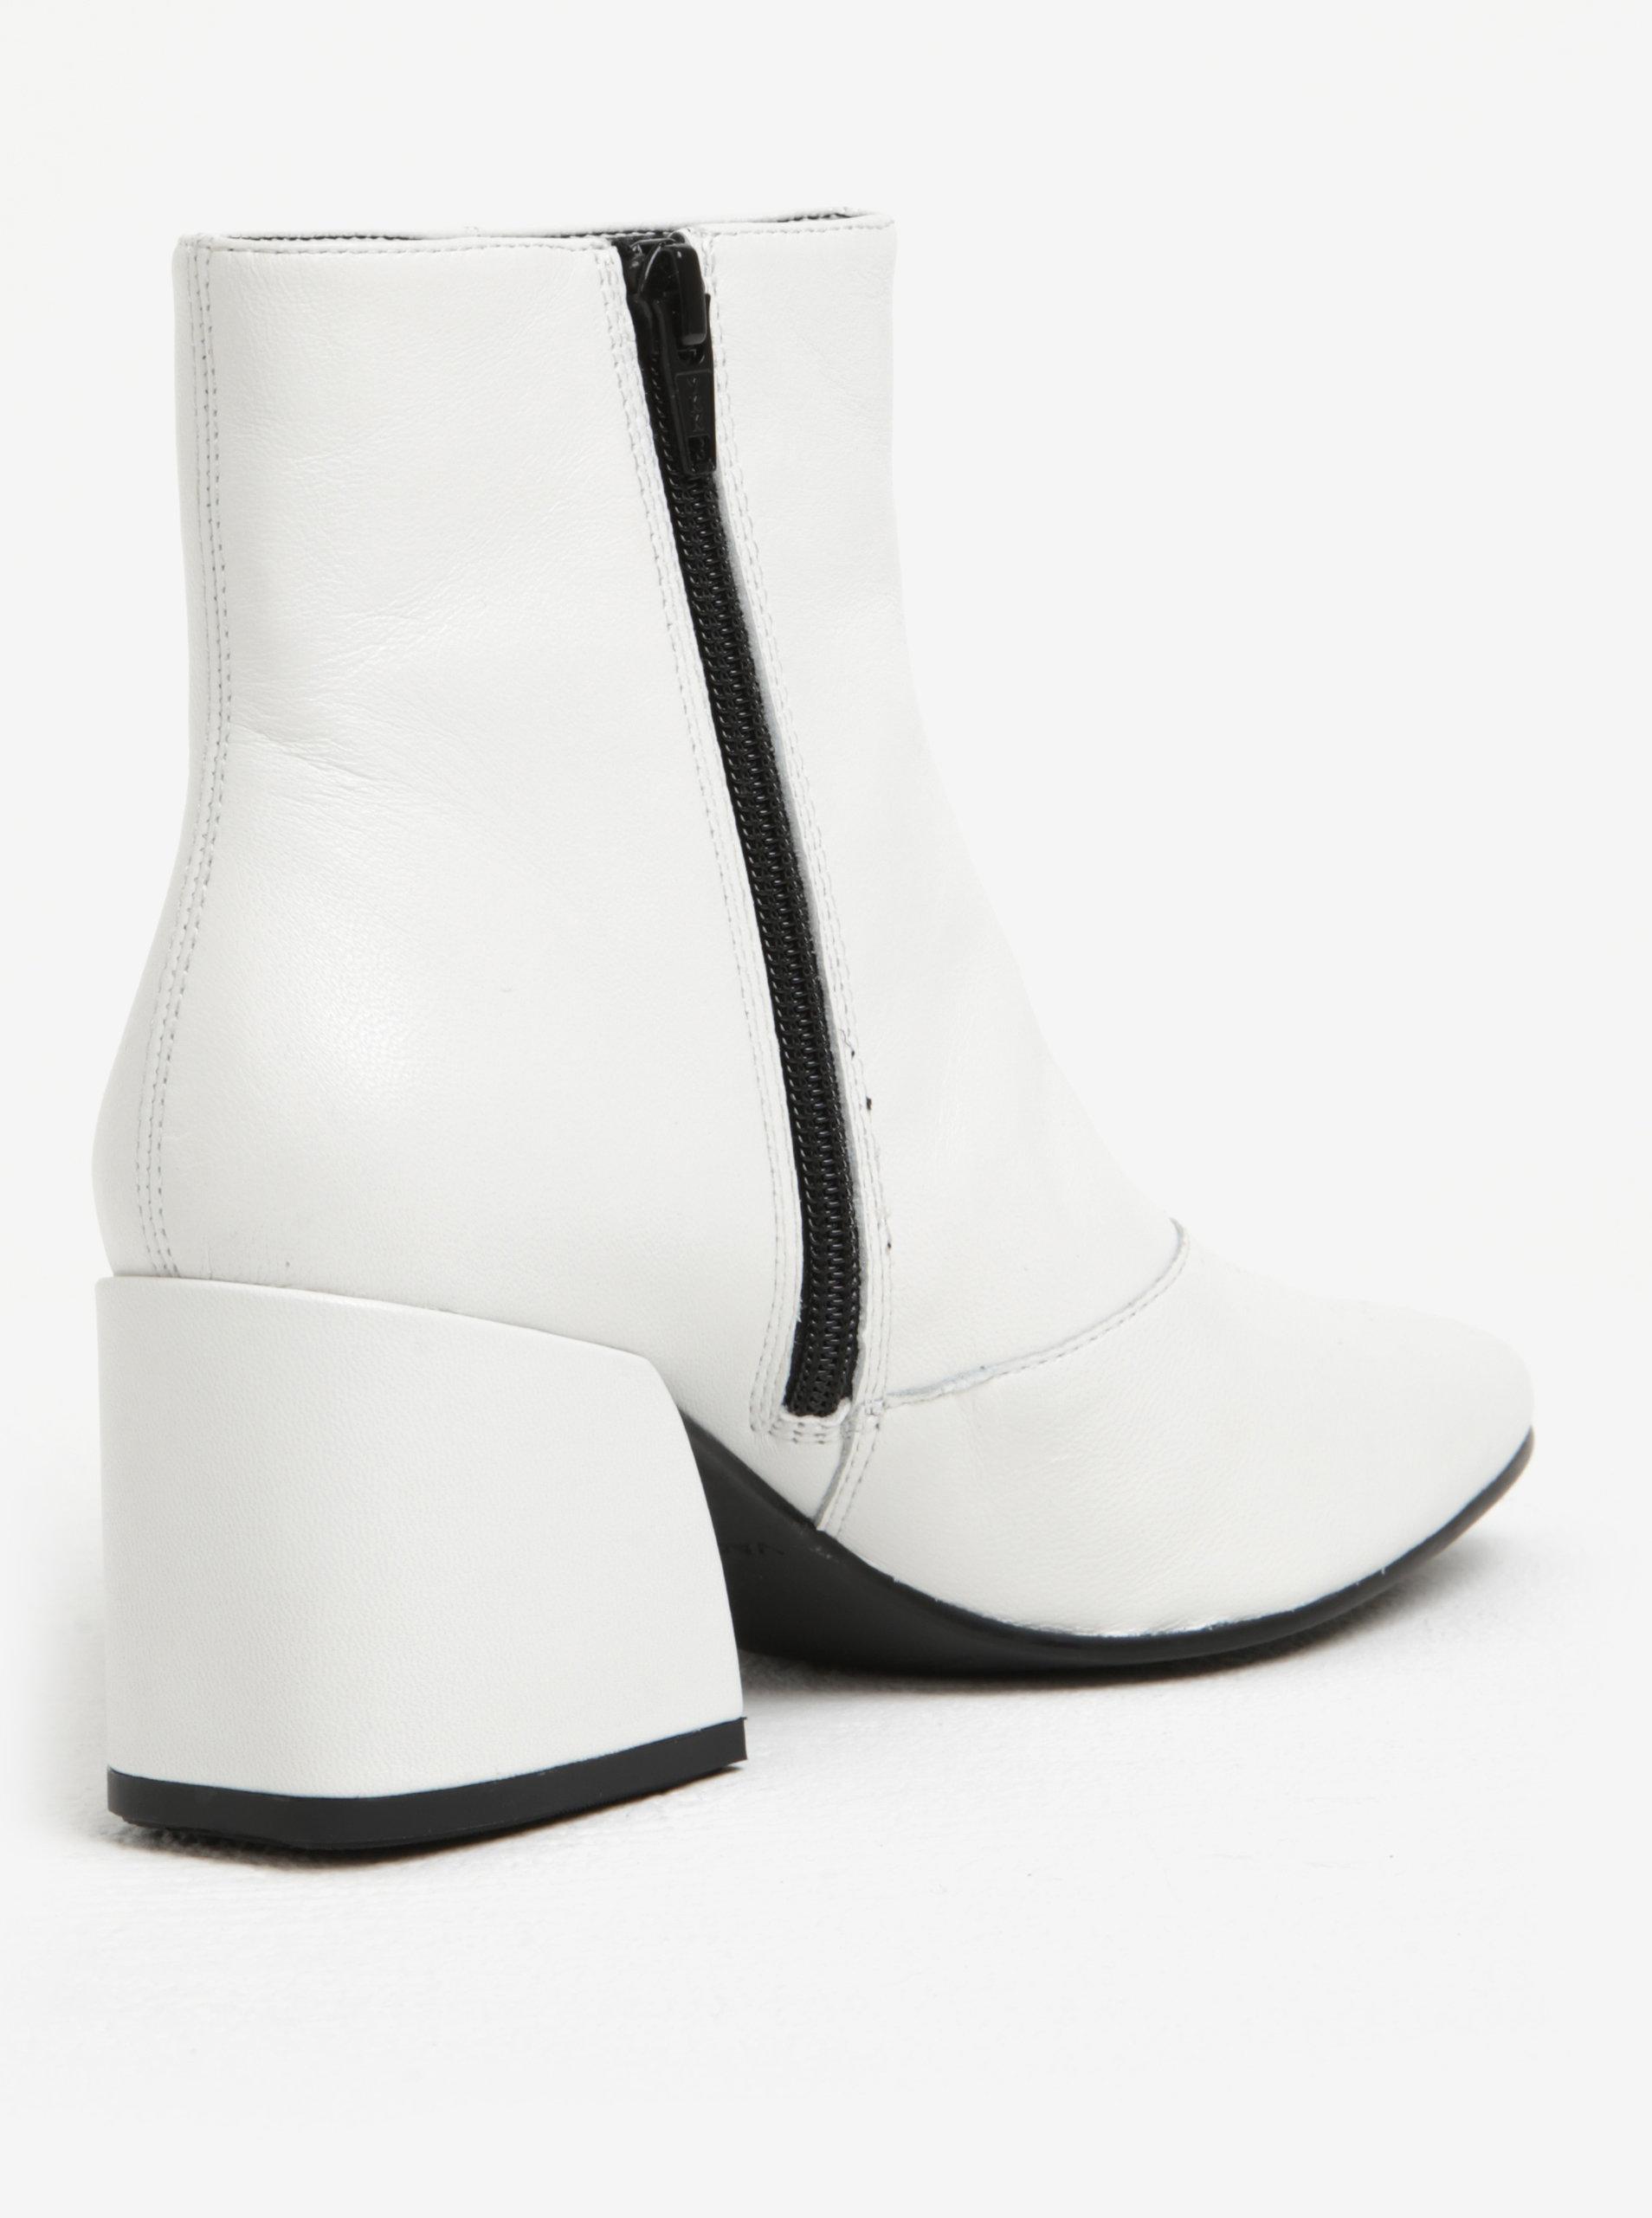 Bílé dámské kožené kotníkové boty na podpatku Vagabond Olivia ... 640ef57cdc